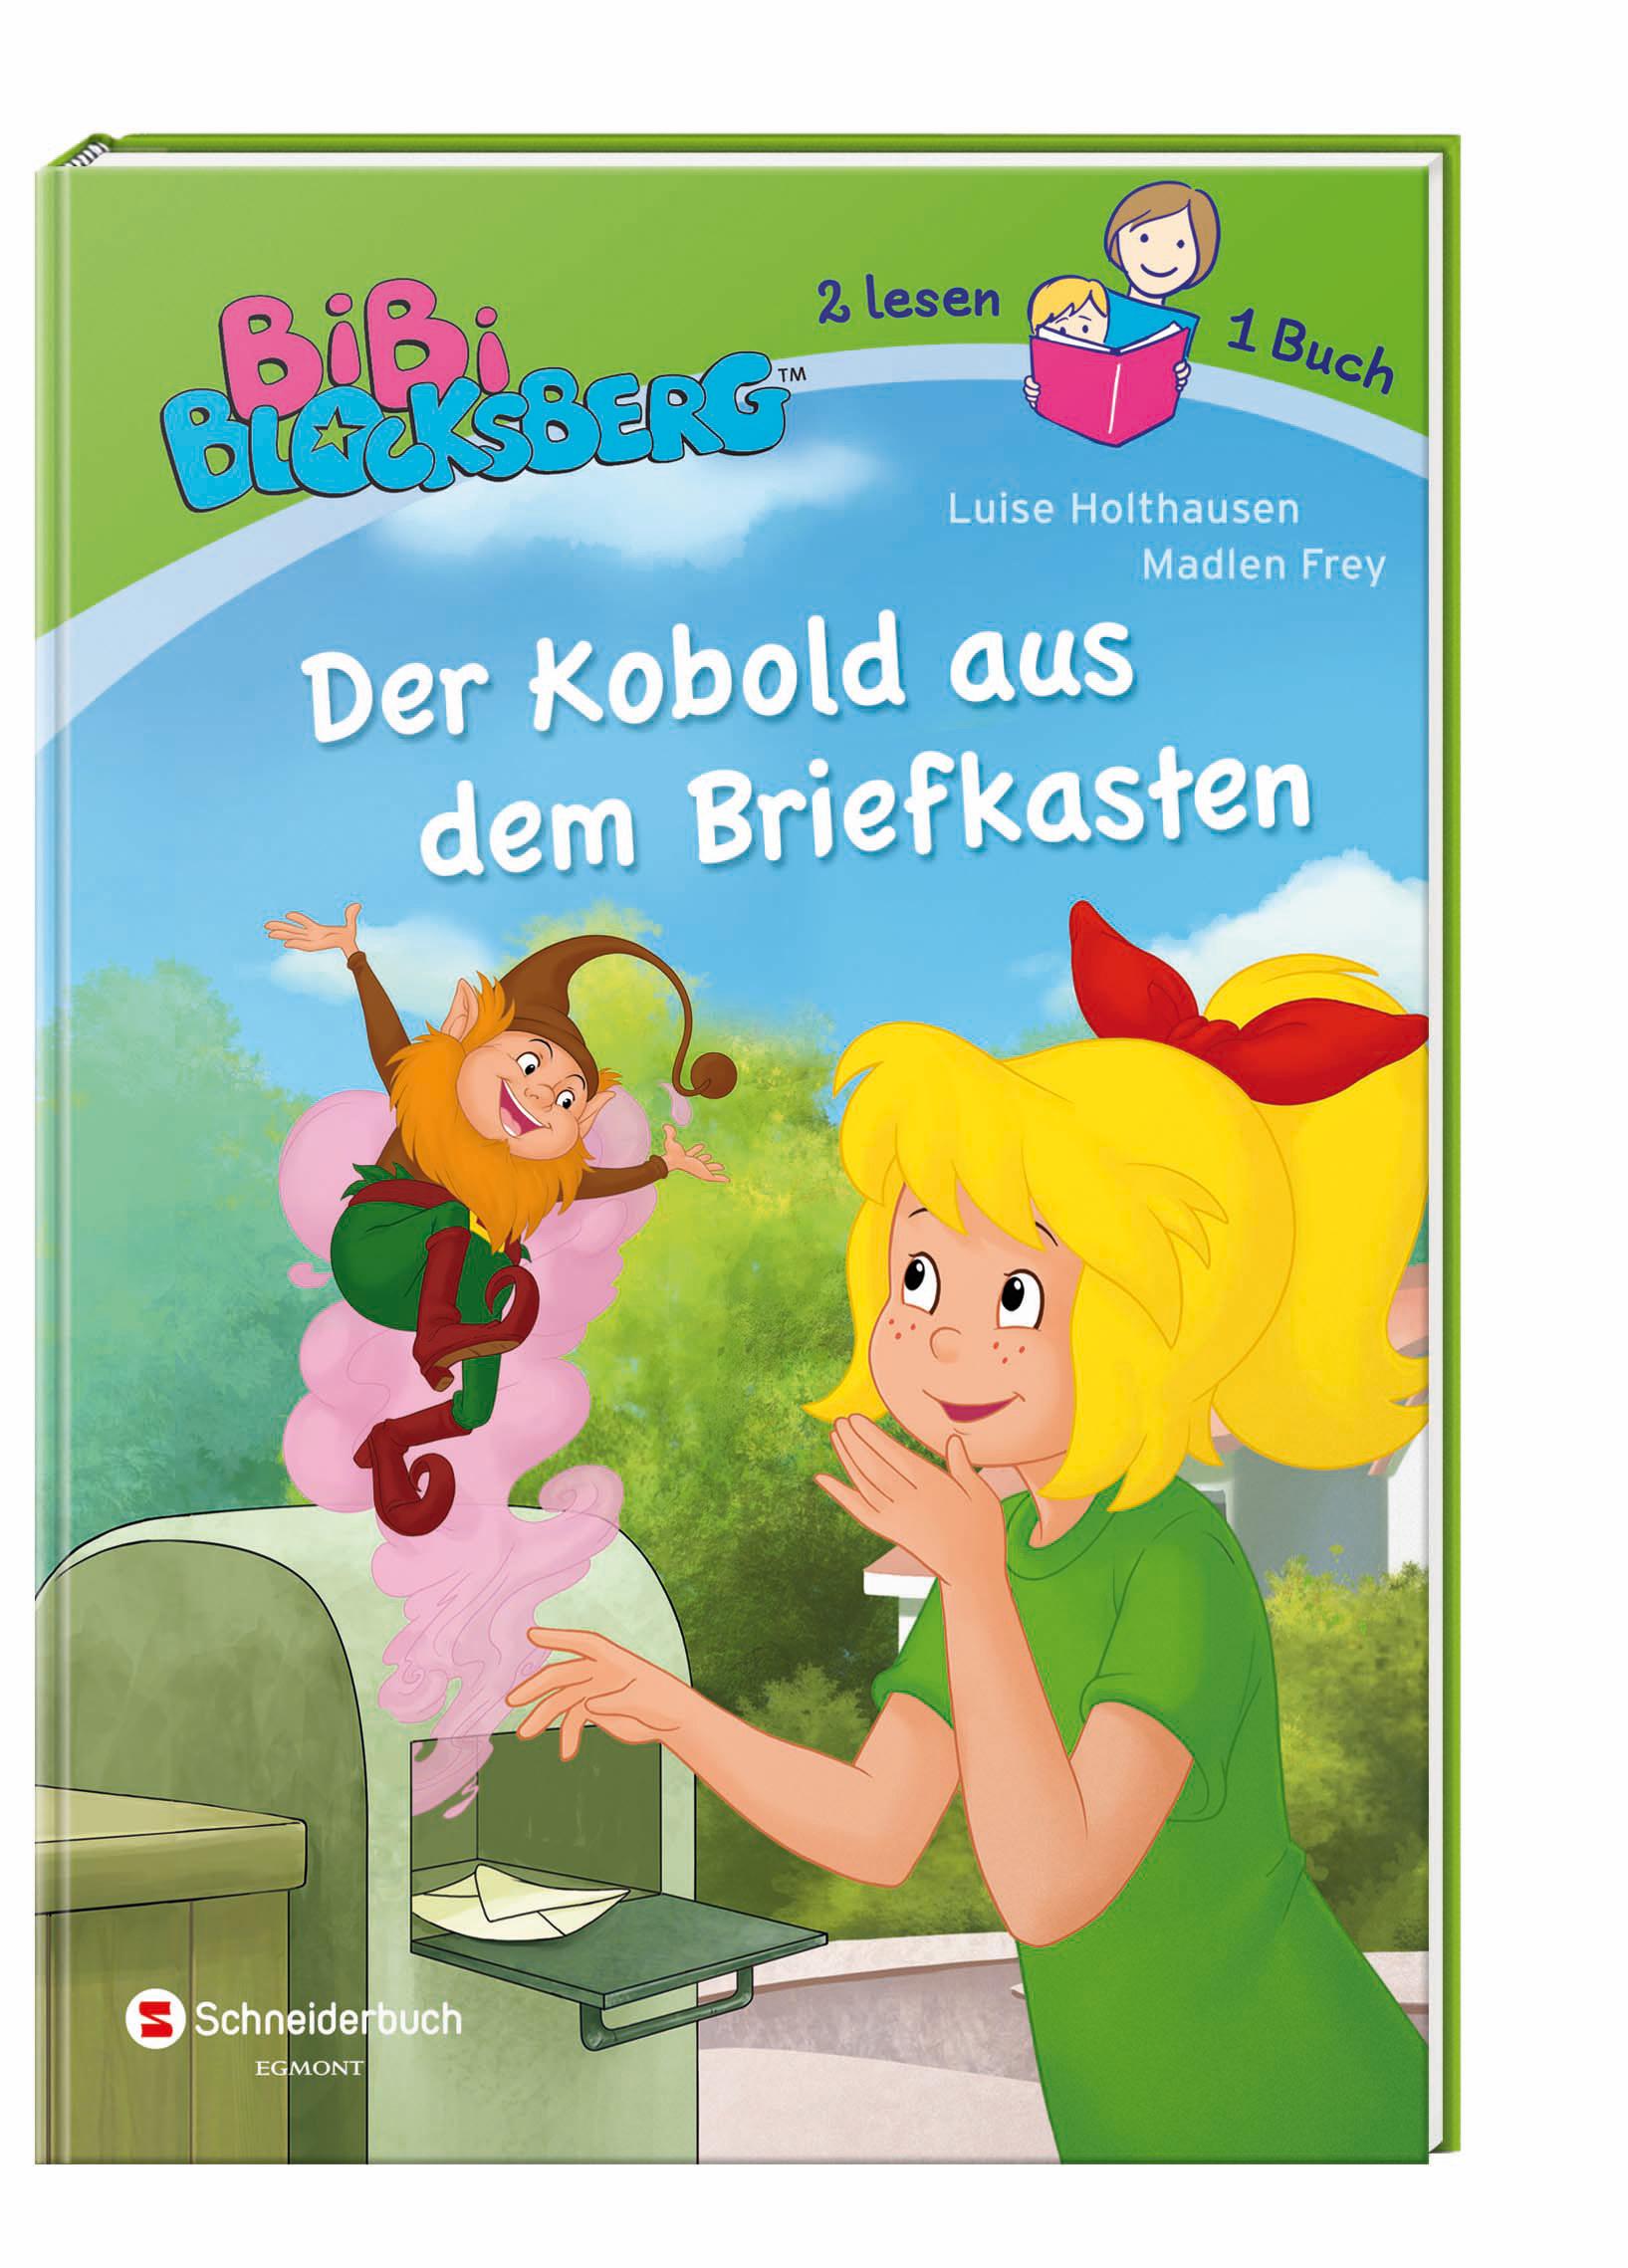 Bibi Blocksberg: Der Kobold aus dem Briefkasten (Buch/eBook/Kindle)